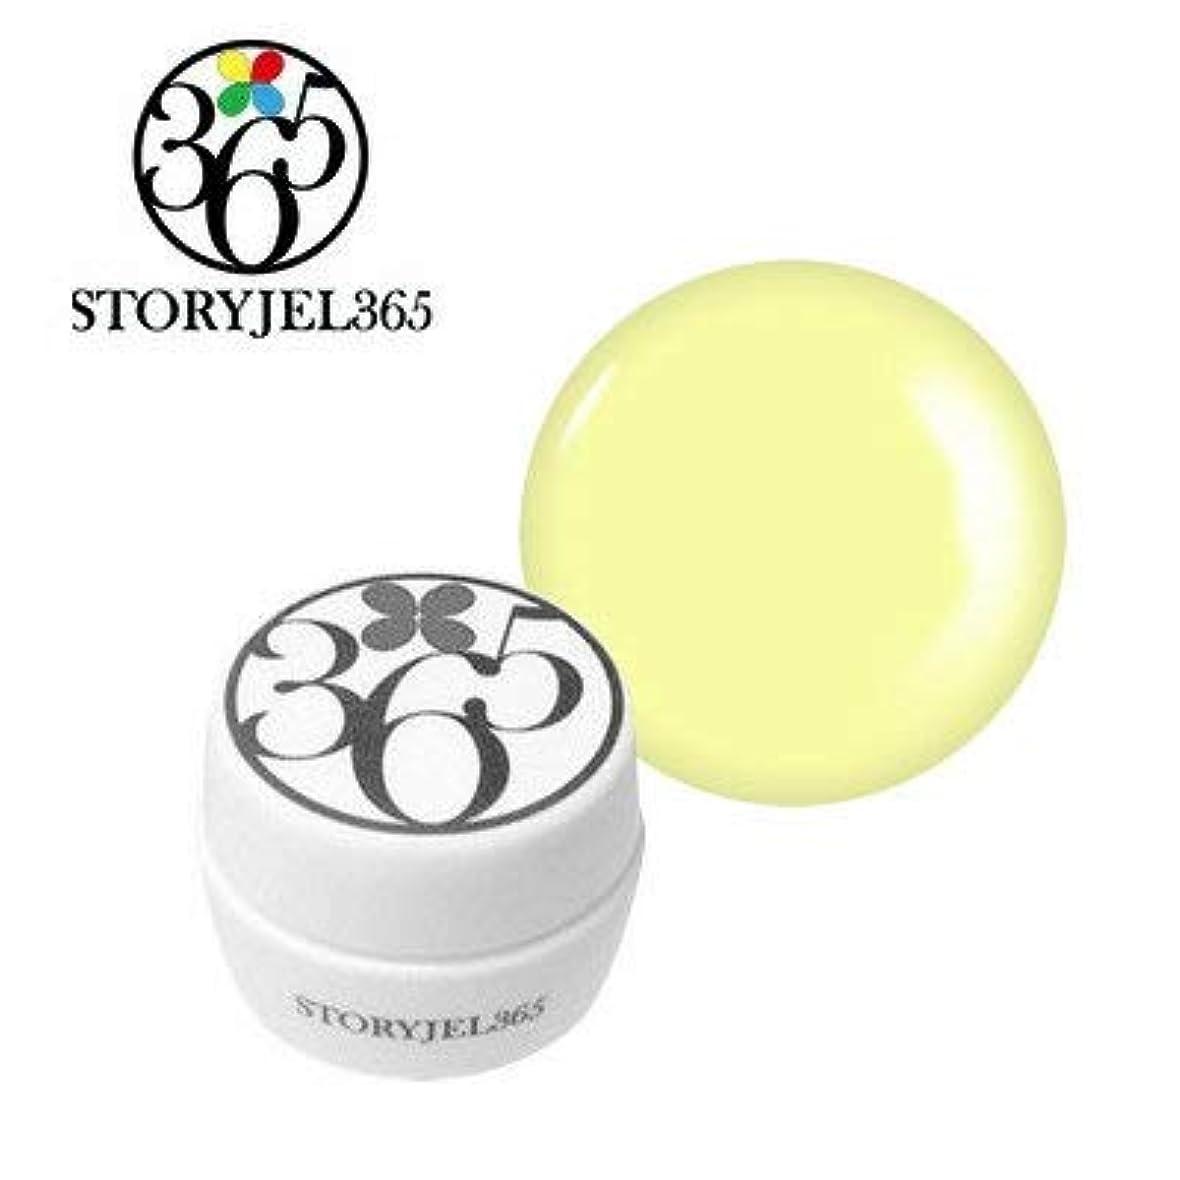 まだ昇る同意するSTORYJEL365 カラージェル 5g (ストーリージェル) SJS-303M-D シトロンクリーム